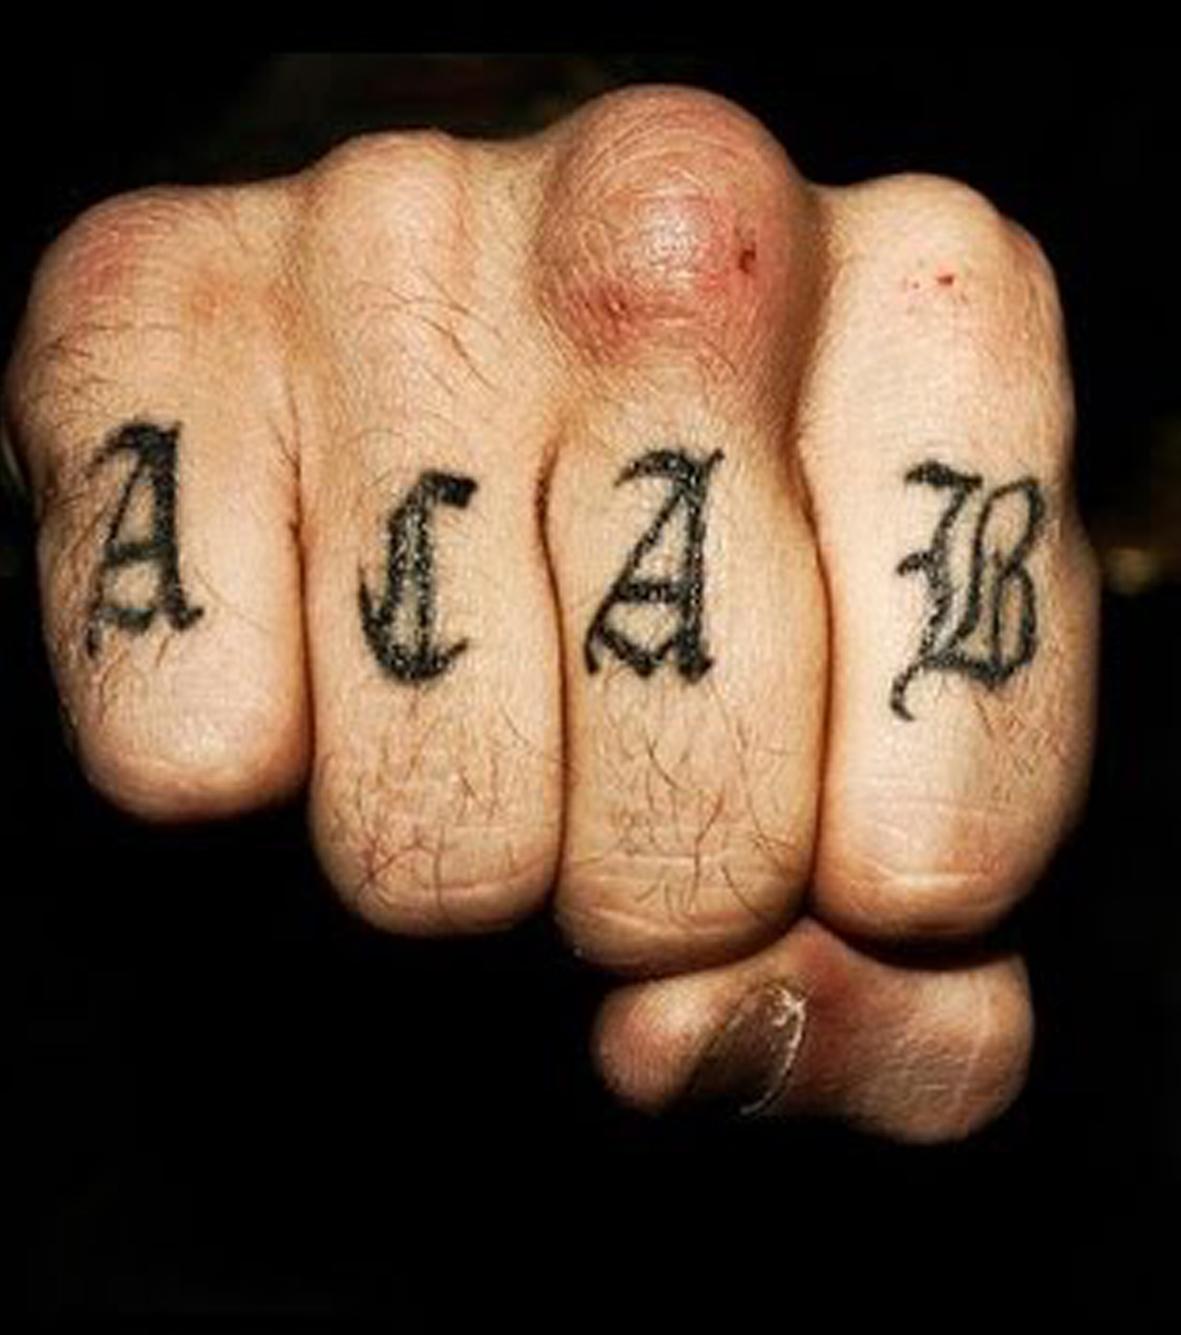 zahlen tattoo 23